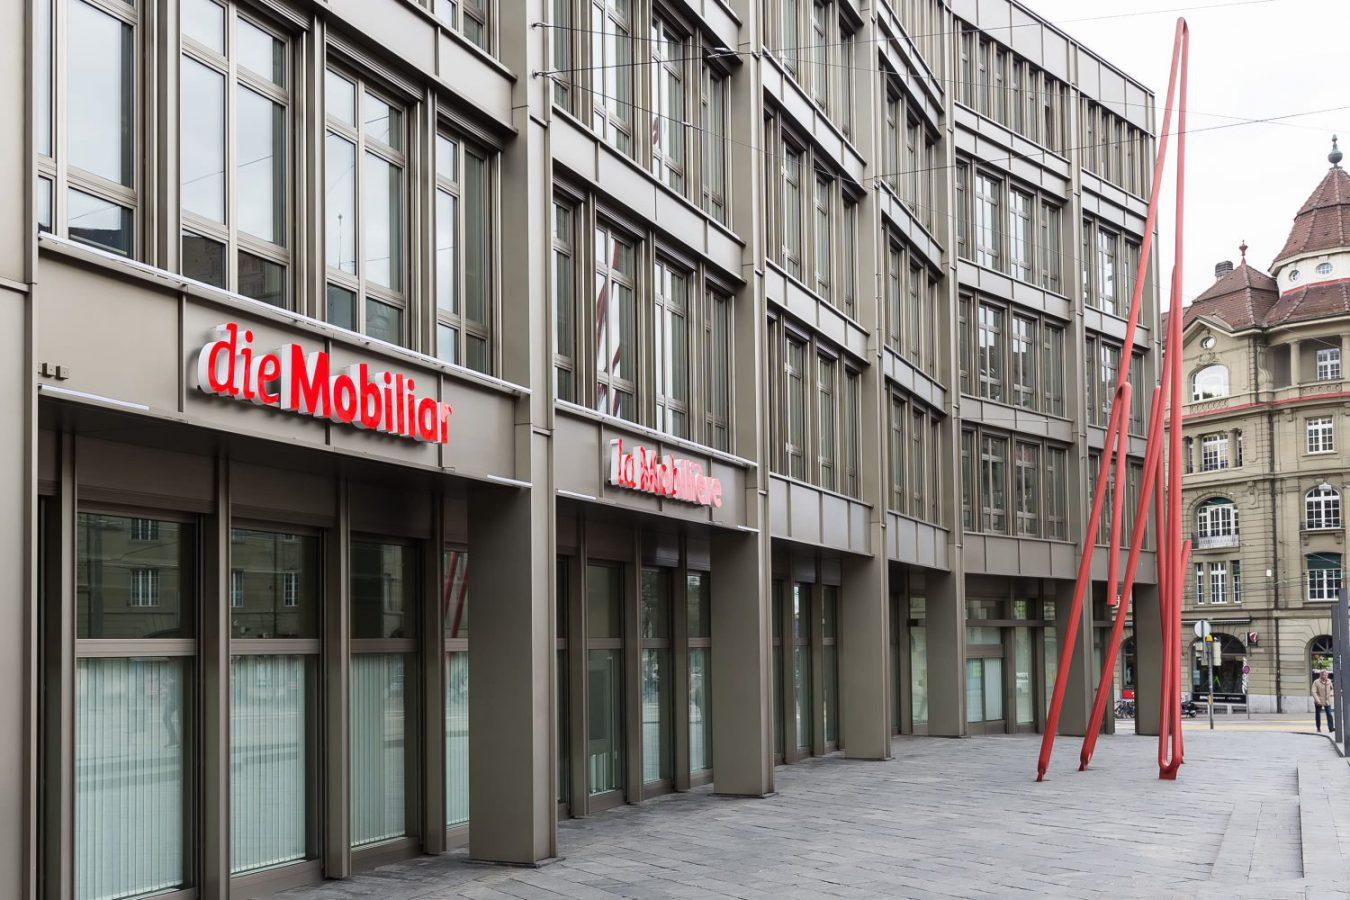 La Mobiliare - Sede di Berna (2) (Foto Mobiliare Svizzera Società d'assicurazioni) Imc